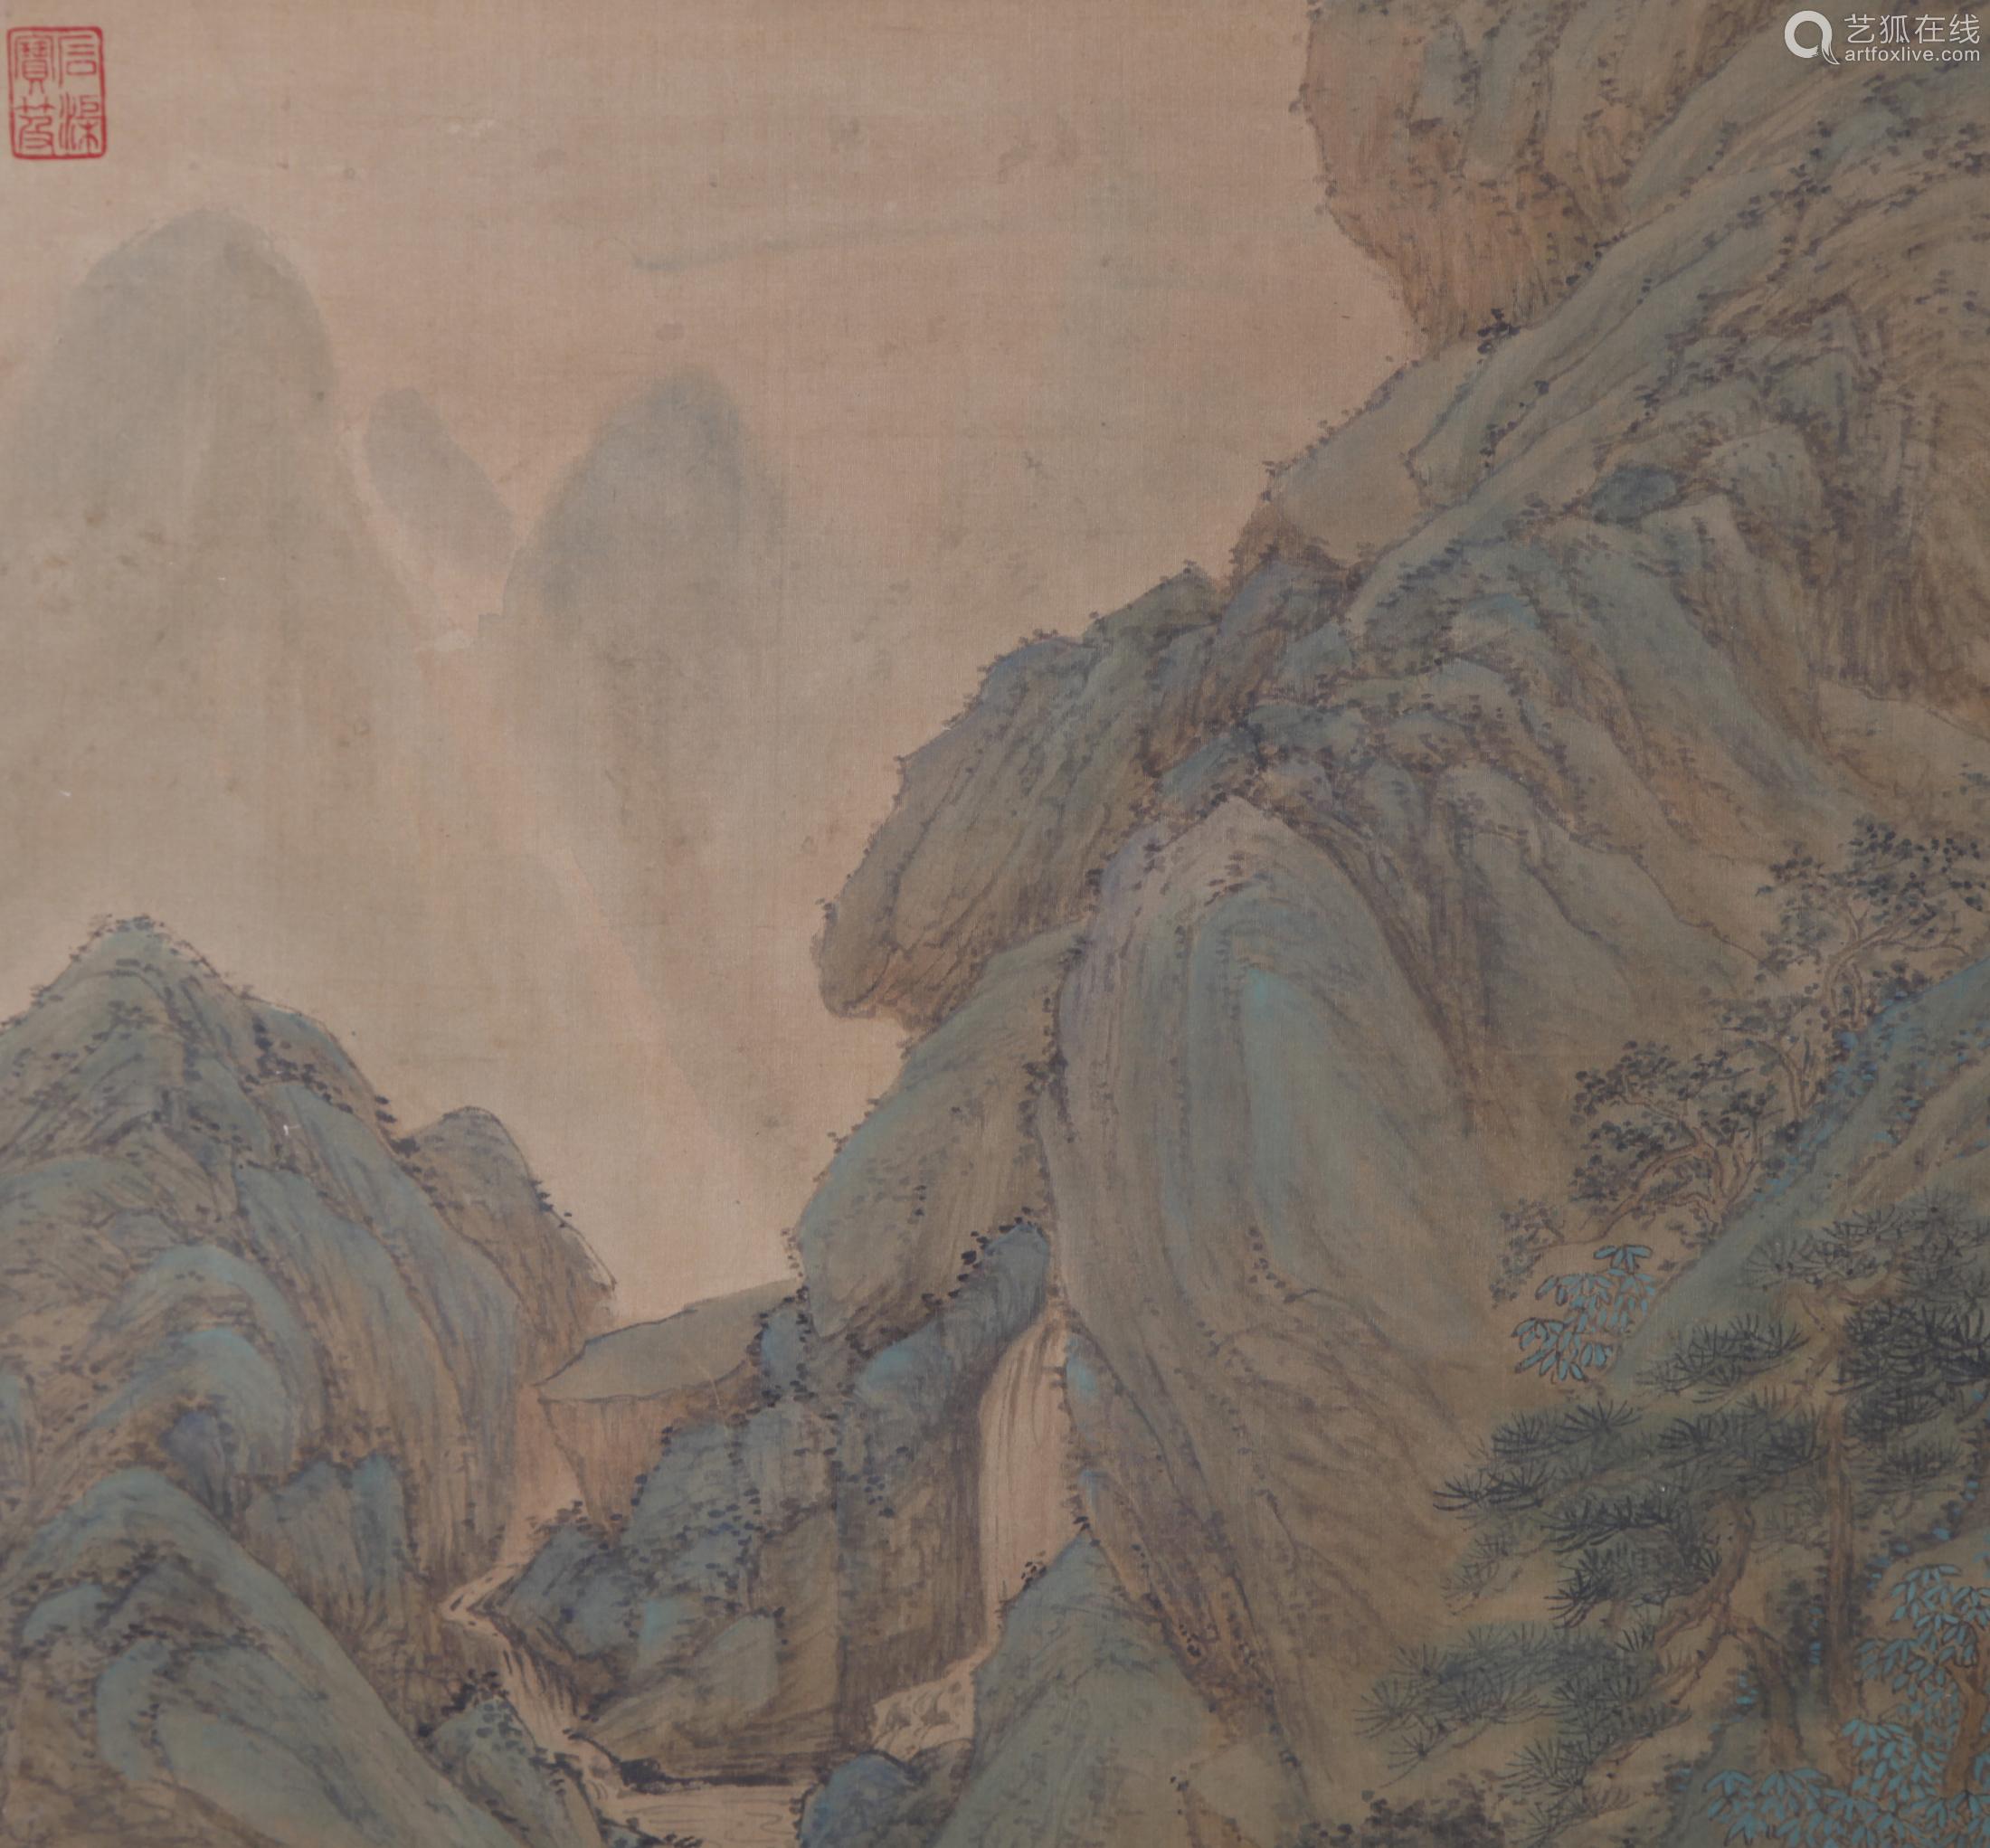 Qiu Ying - Mountain Scenery Shan Shui Painting